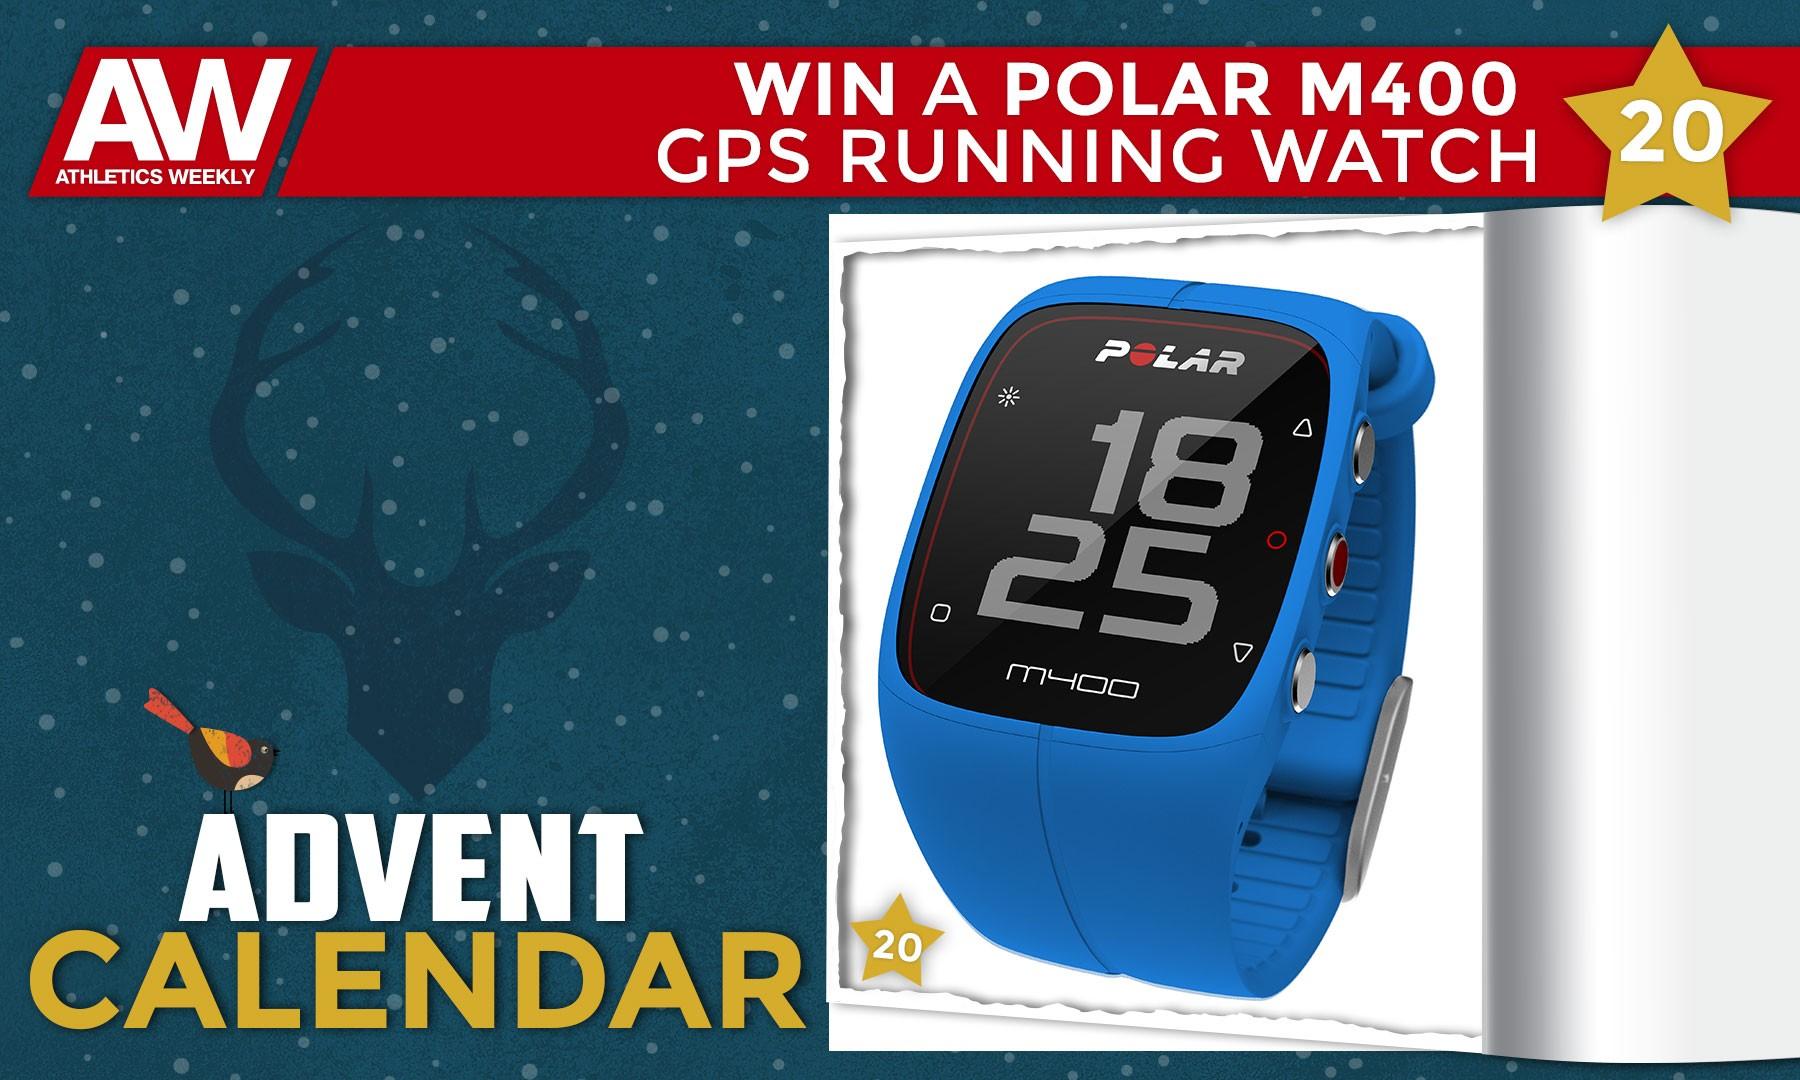 Win a Polar M400 GPS running watch